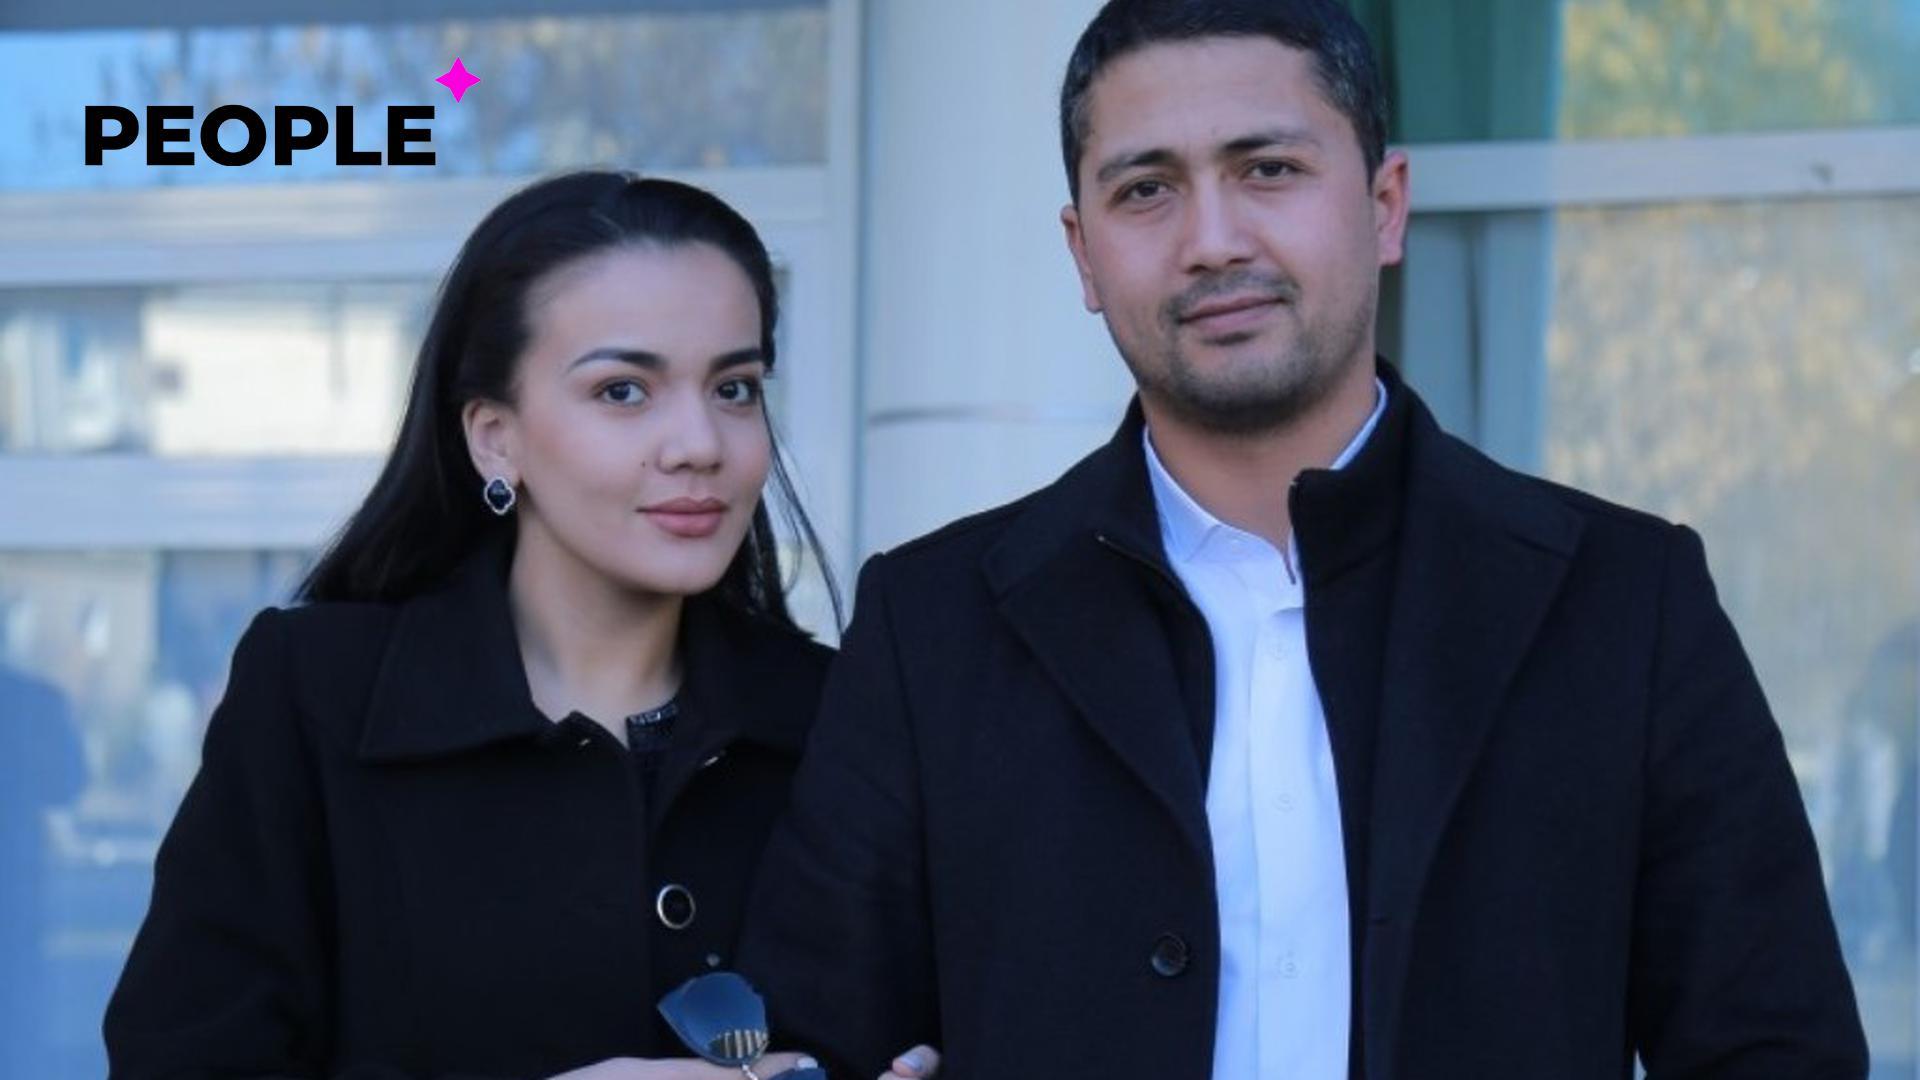 Певица Рухшона сообщила о разводе с режиссером Санжаром Маткаримовым, после слухов о домашнем насилии— видео